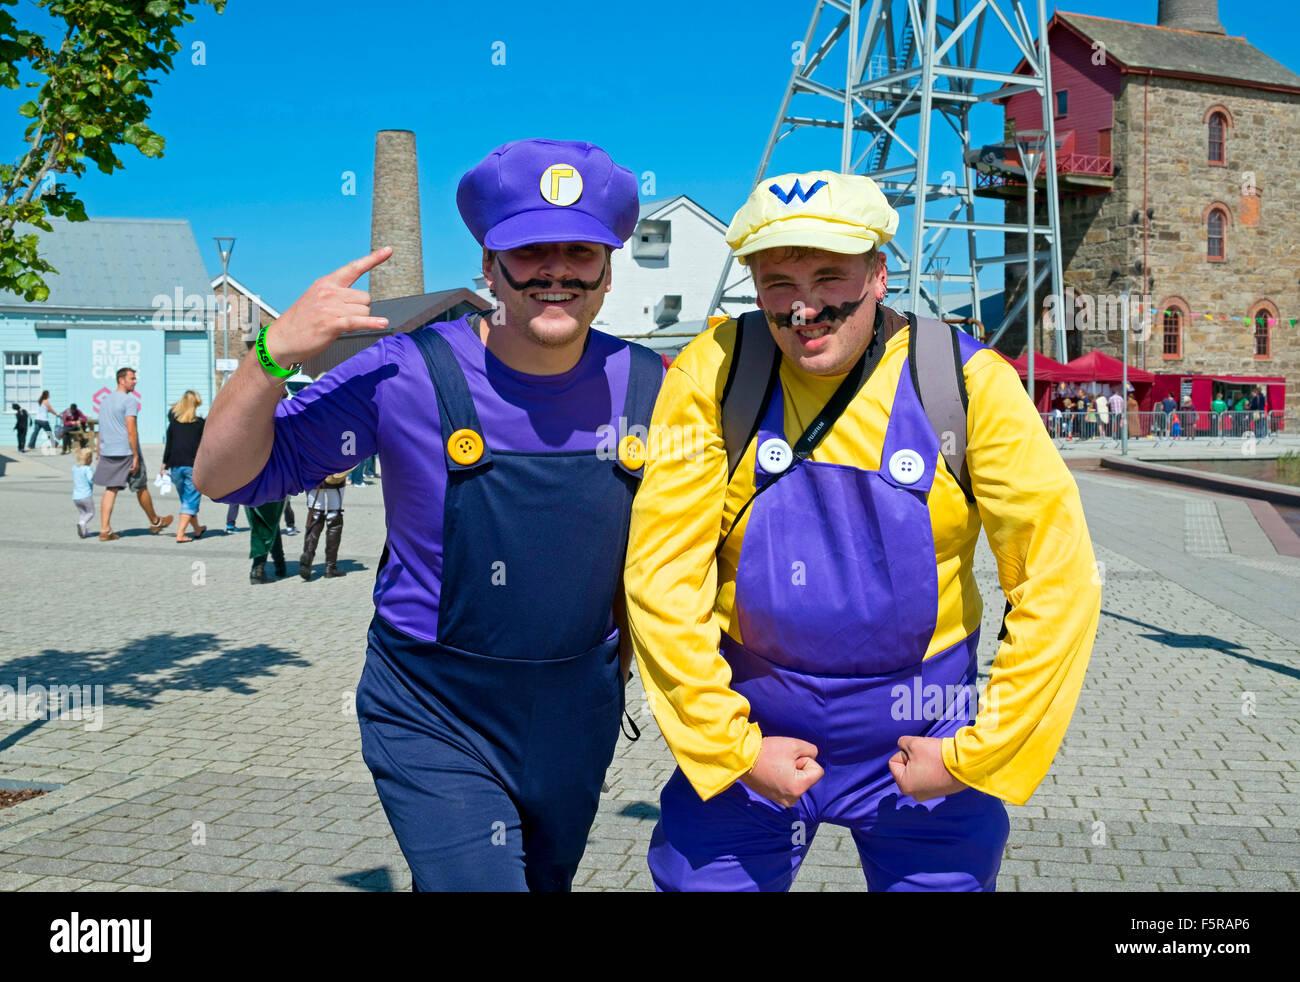 Super Mario und Luigi Brüder Zeichen am Geekfest, Cornwall, UK Stockfoto